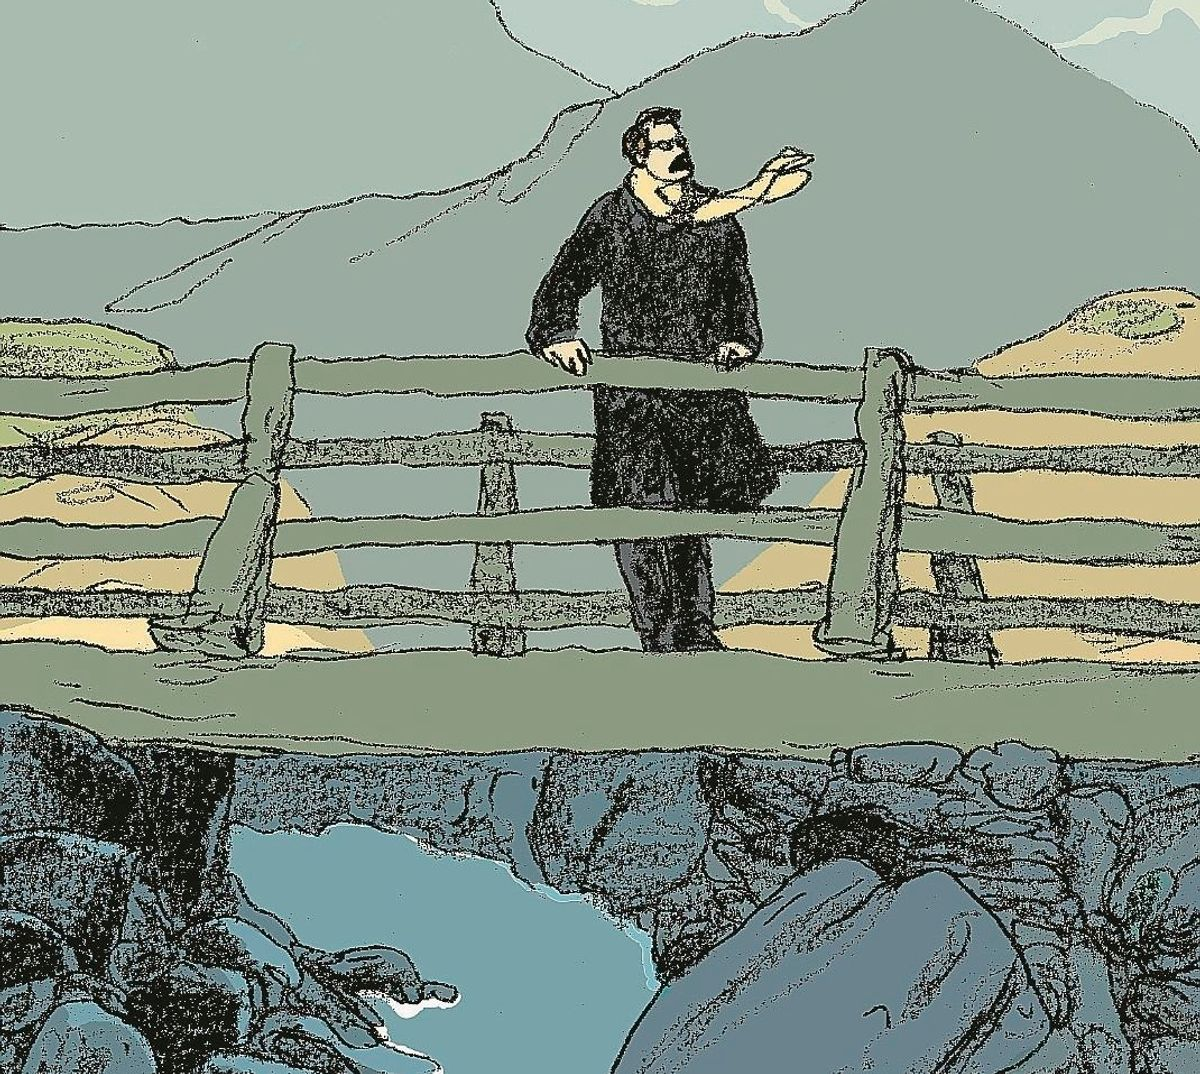 La stella danzante di Nietzsche brilla nel fumetto scritto dal ribelle Onfray